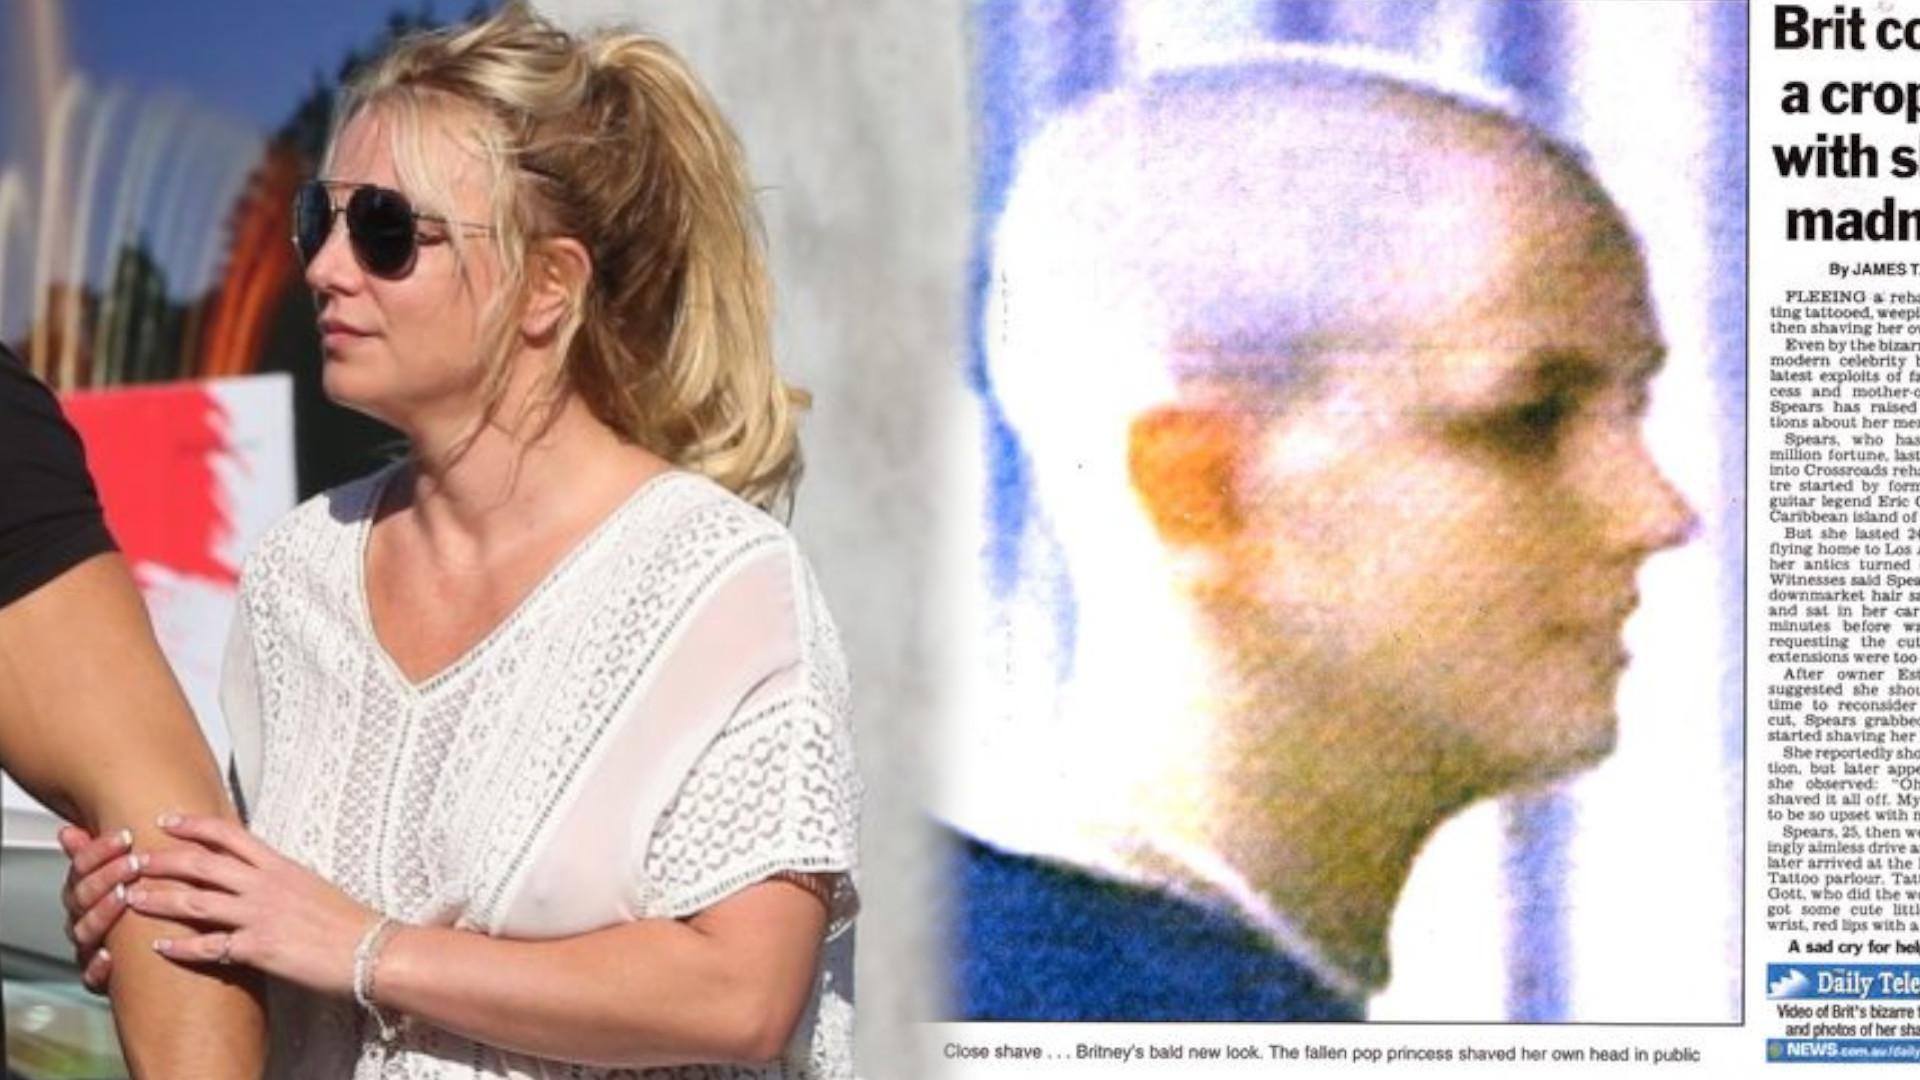 Dokument o Britney Spears pokazał BRUTALNĄ prawdę o show-biznesie